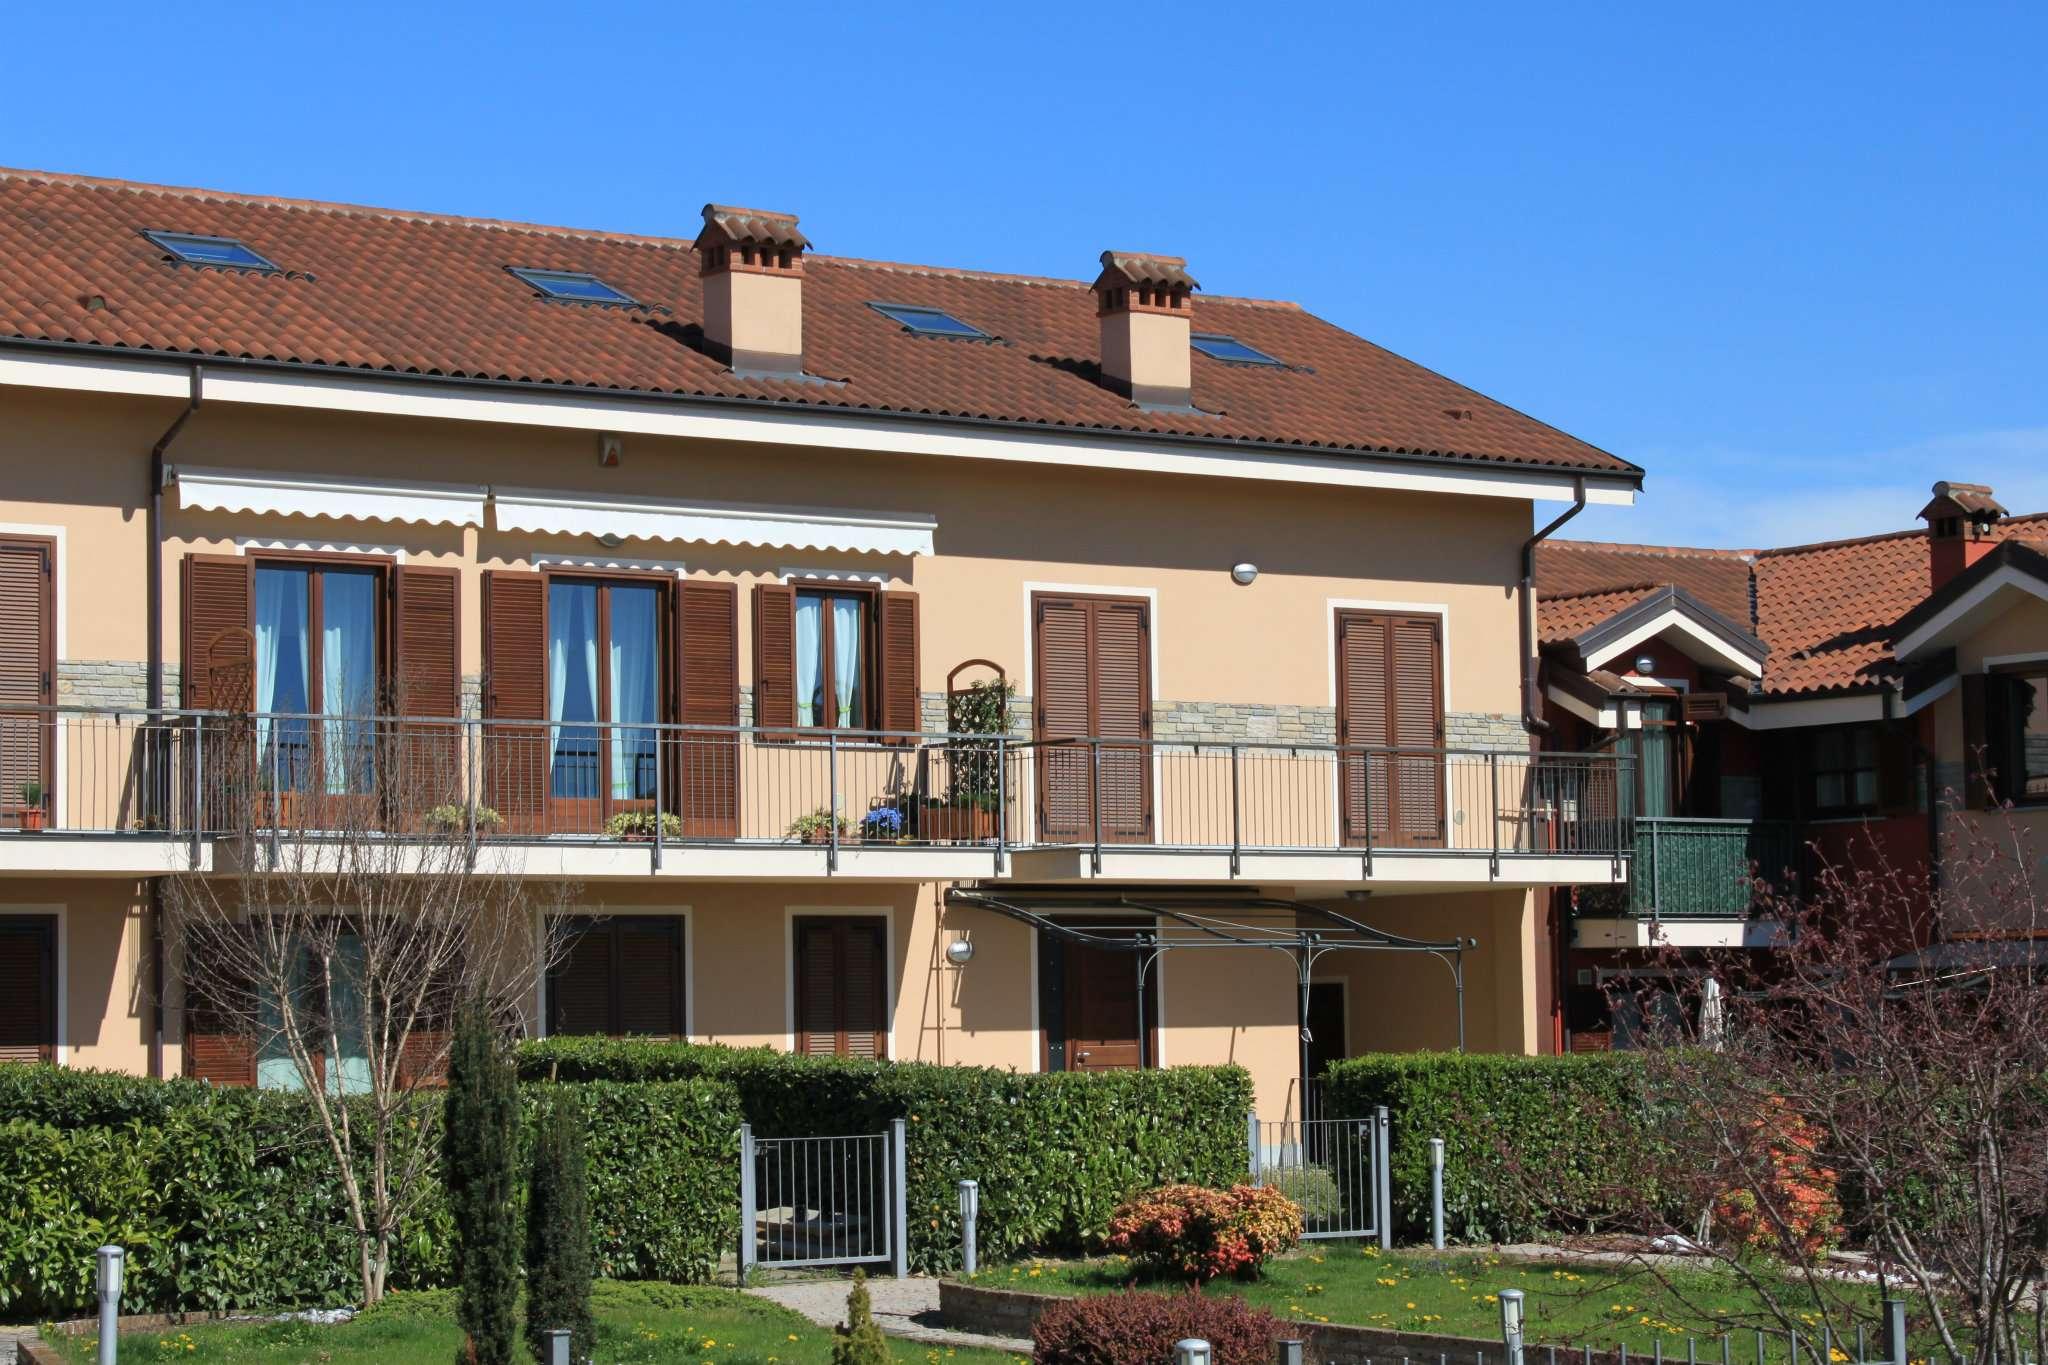 Appartamento in vendita a Bricherasio, 2 locali, prezzo € 110.000 | PortaleAgenzieImmobiliari.it